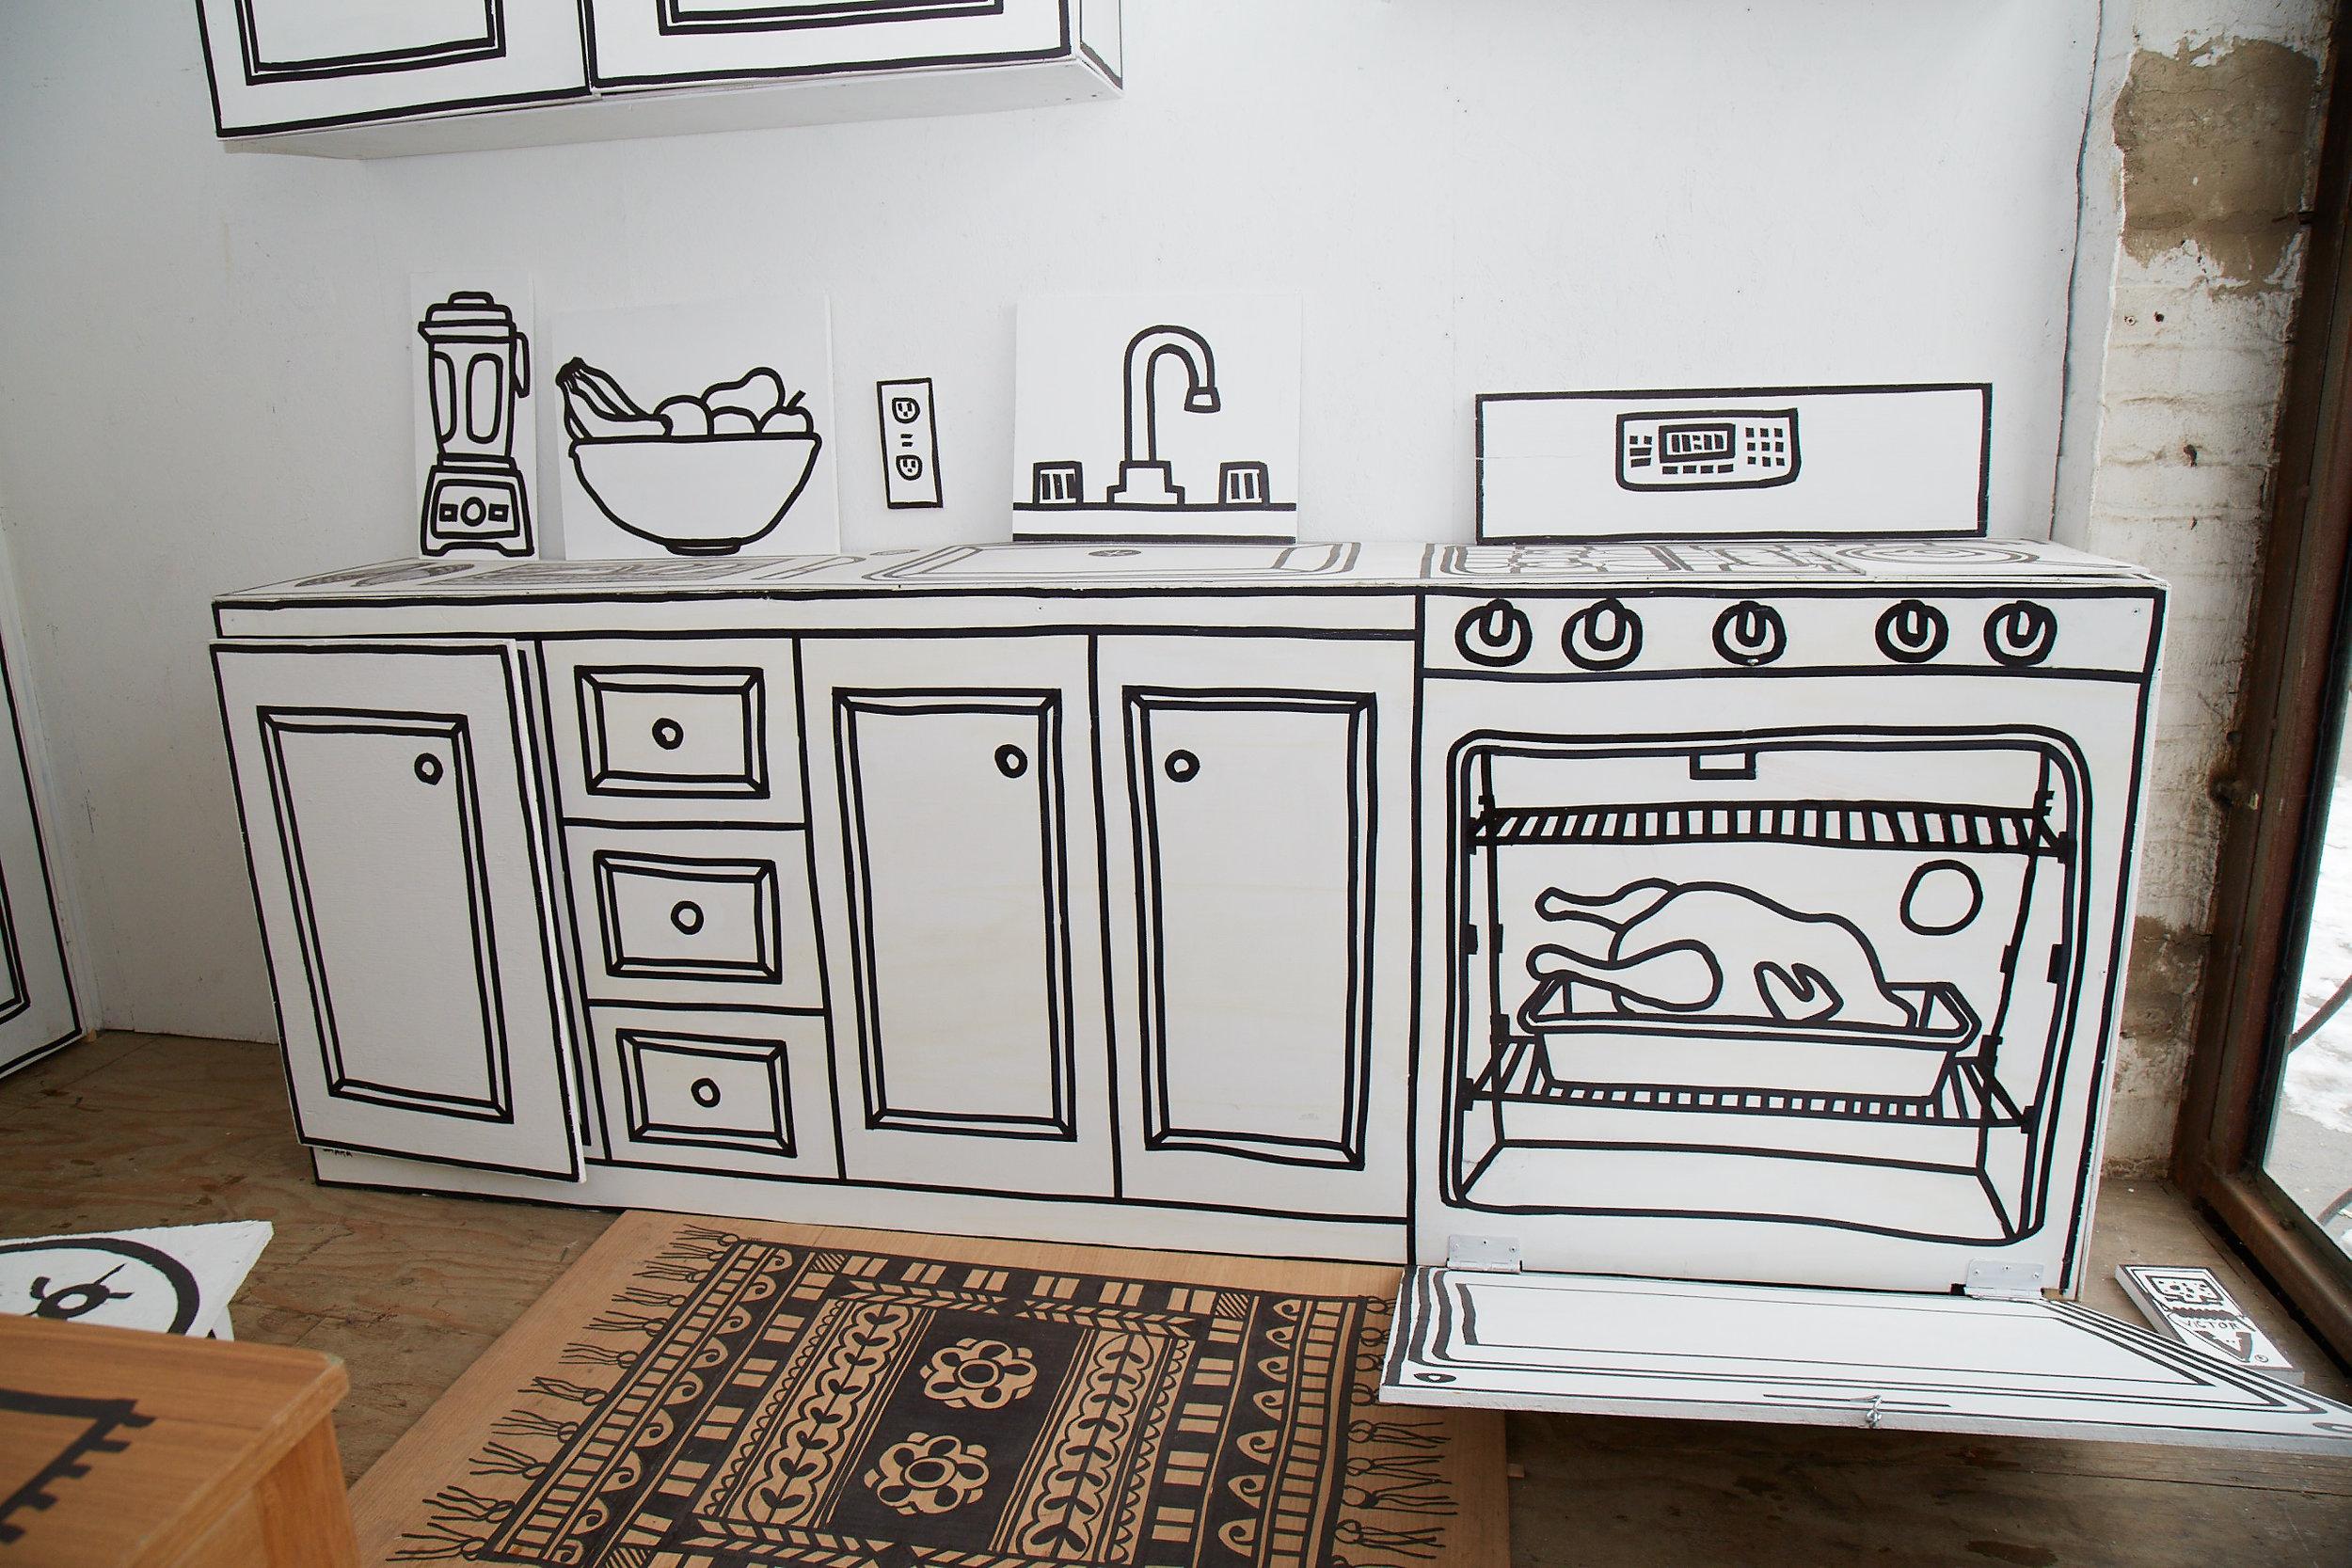 oven open.jpg